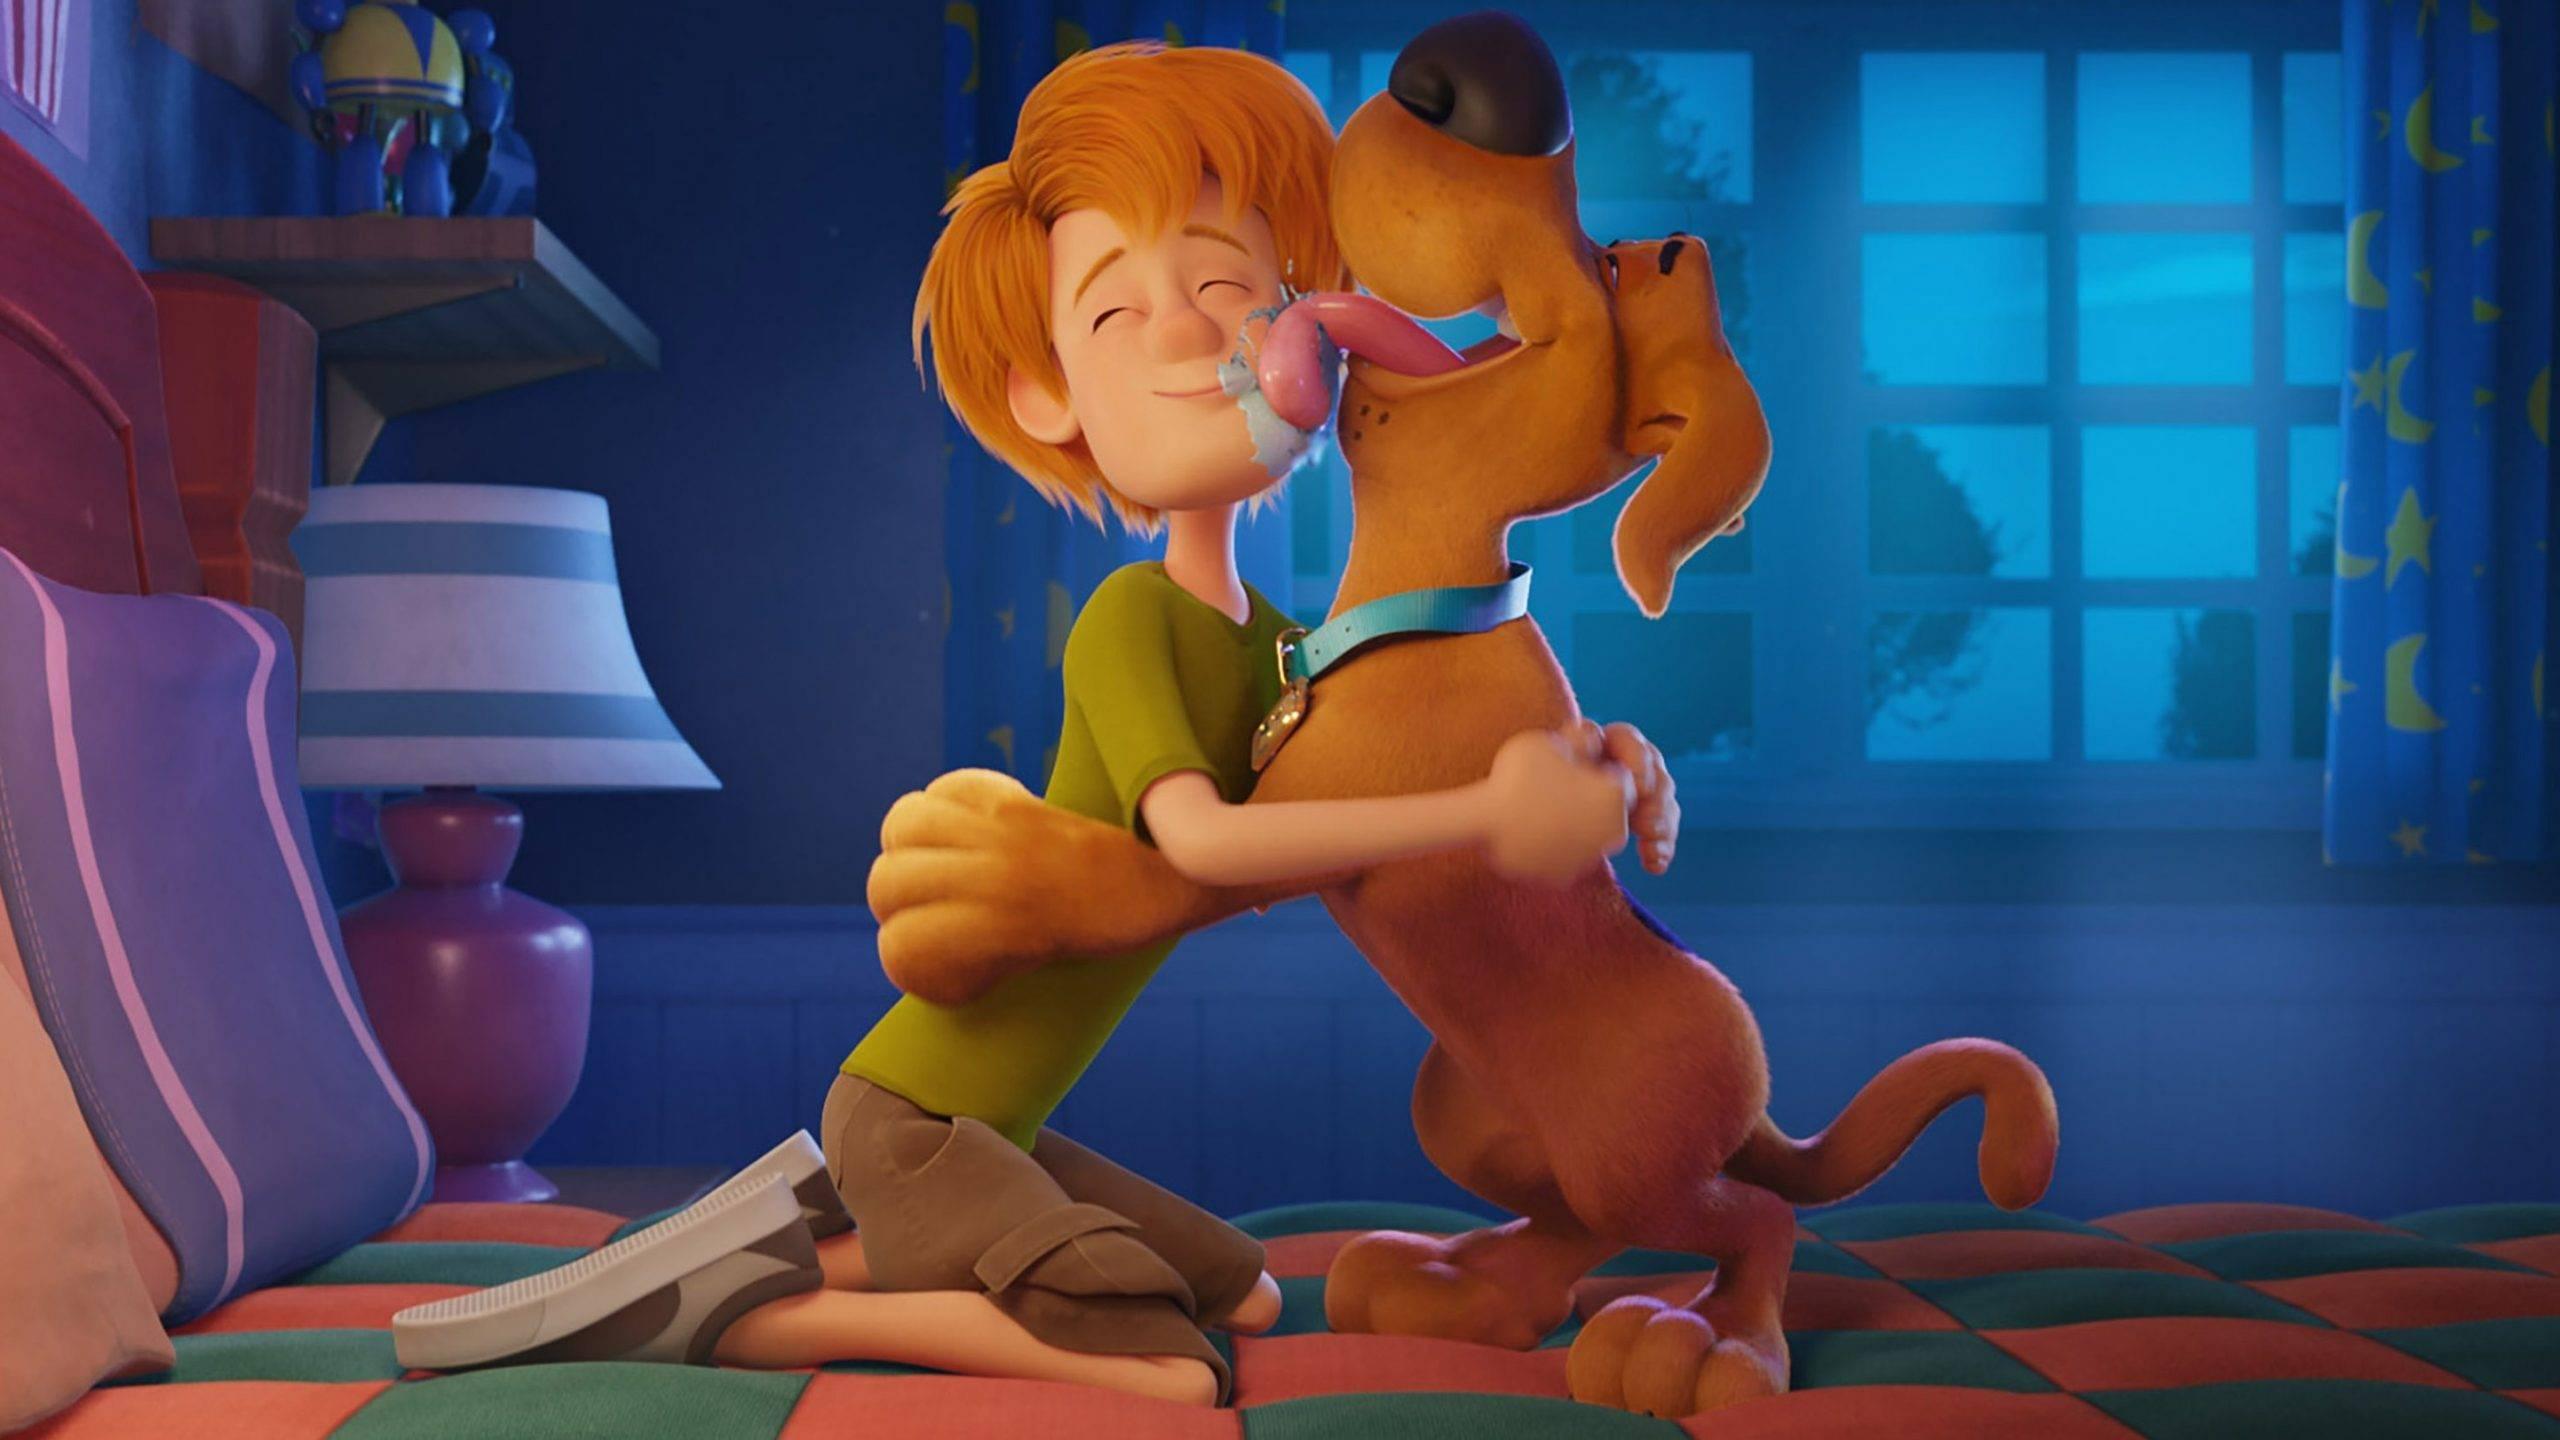 O novo longa de Scooby-Doo chega em maio de 2020 aos cinemas americanos. O filme ainda não tem data de estreia para o Brasil.